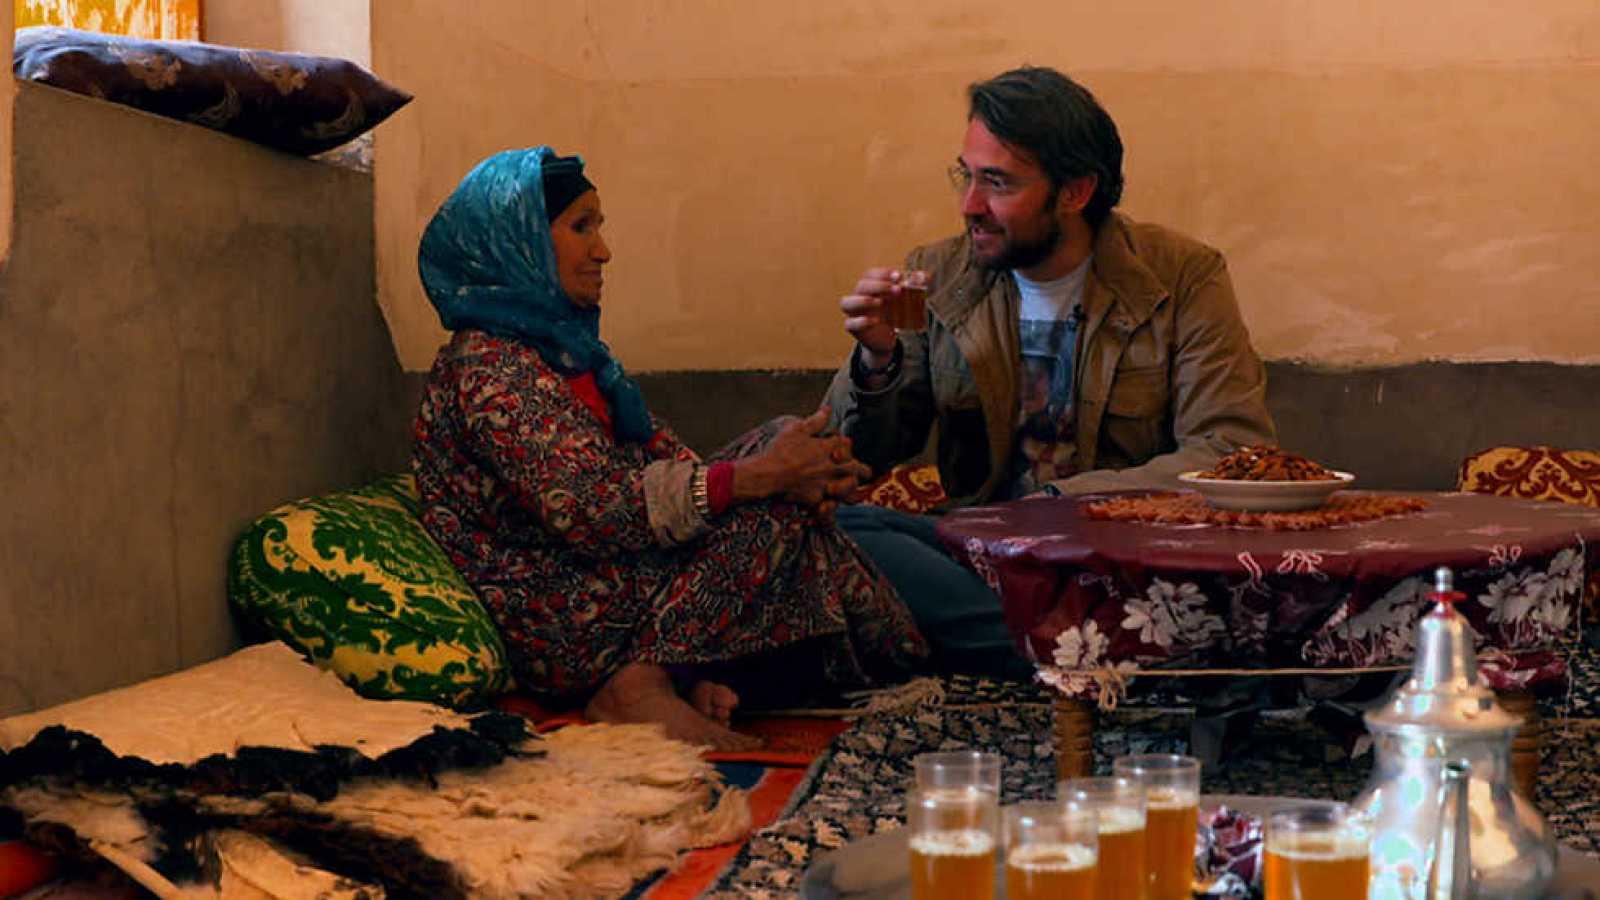 Destinos de película - Marruecos - RTVE.es